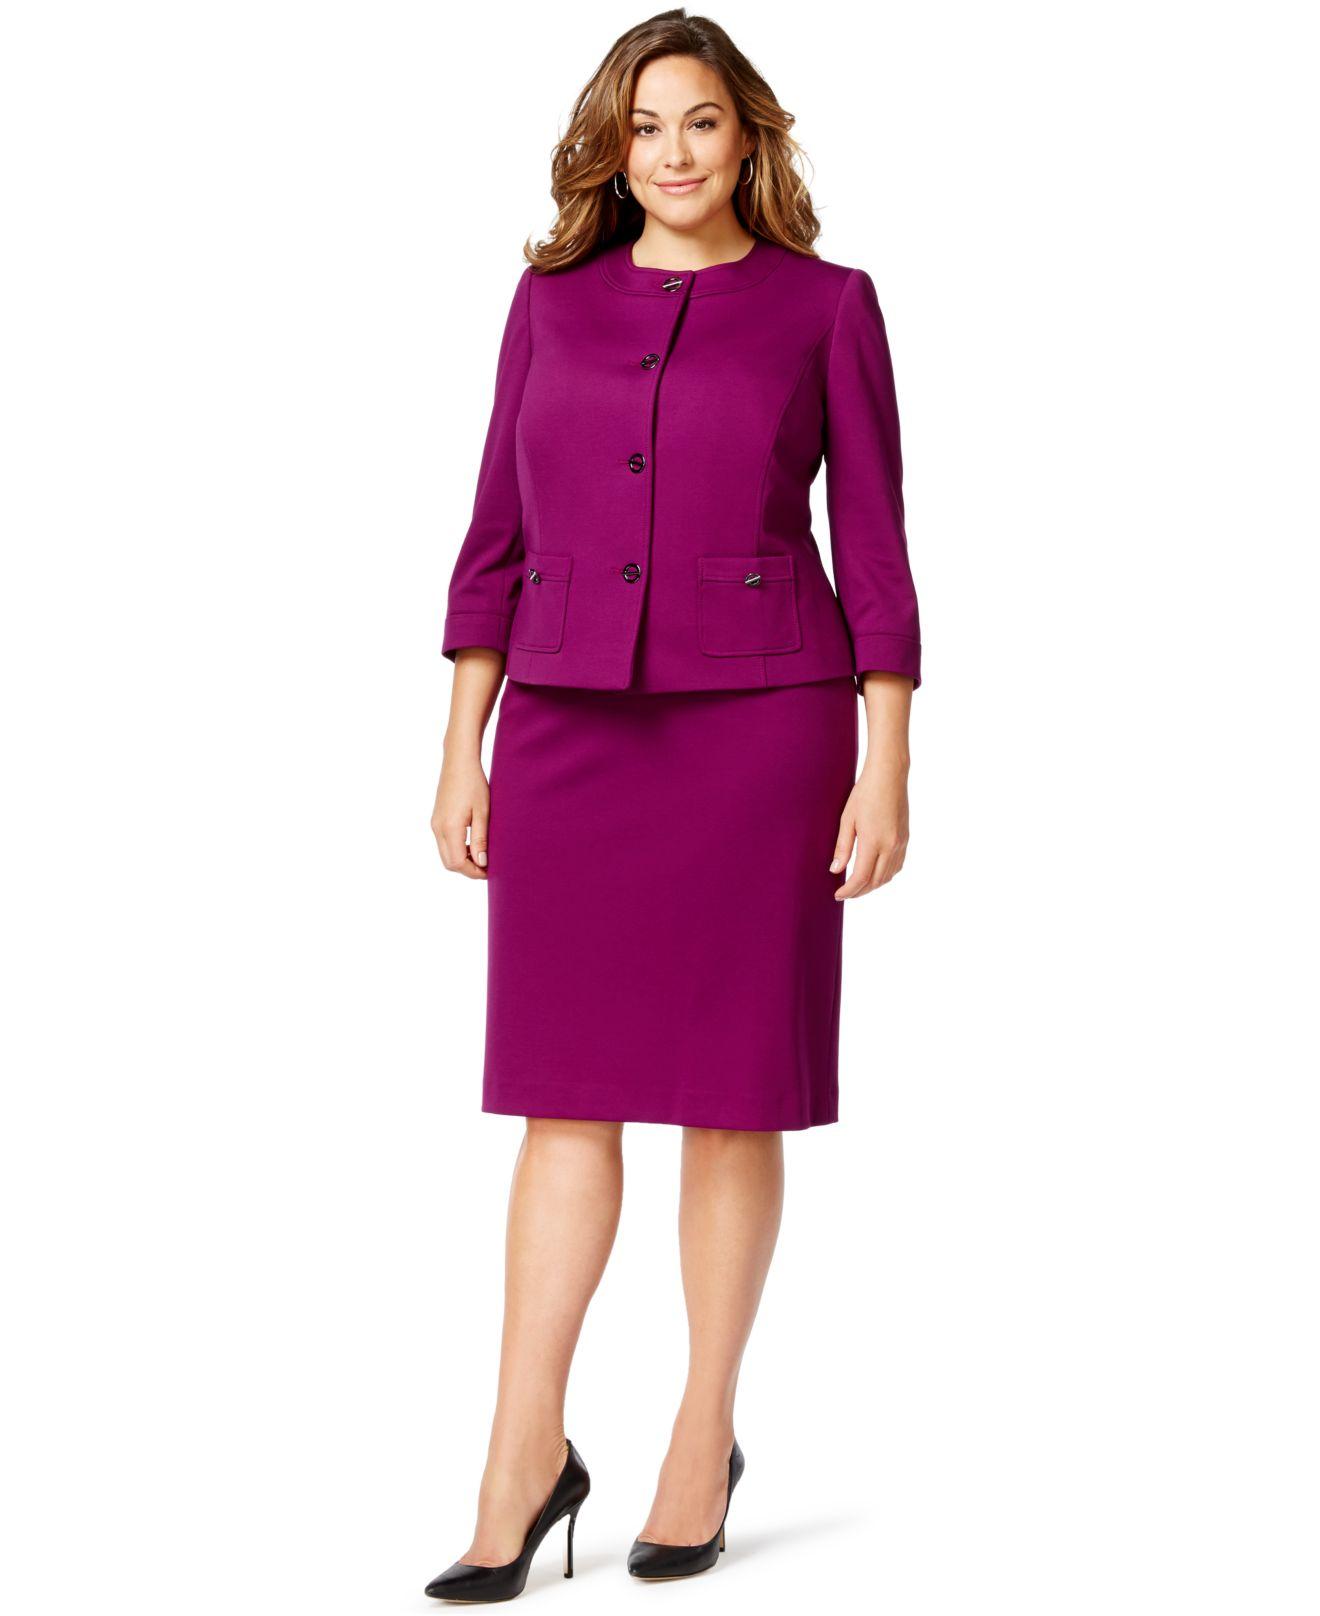 Ladies Dress Suits Plus Size - raveitsafe